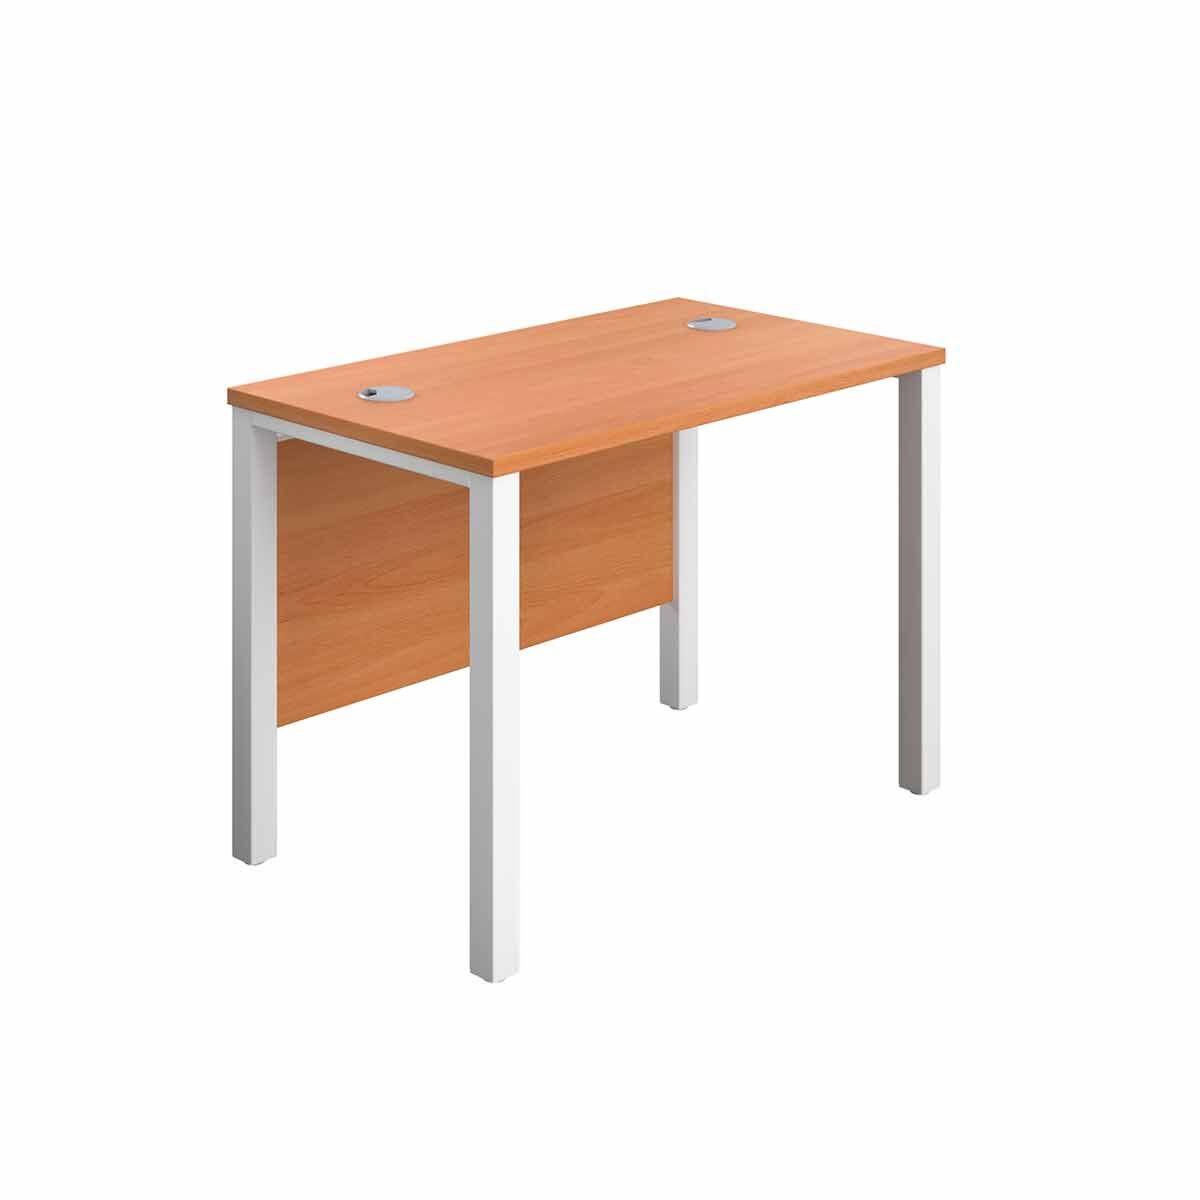 TC Office White Goal Post Rectangular Desk 100cm